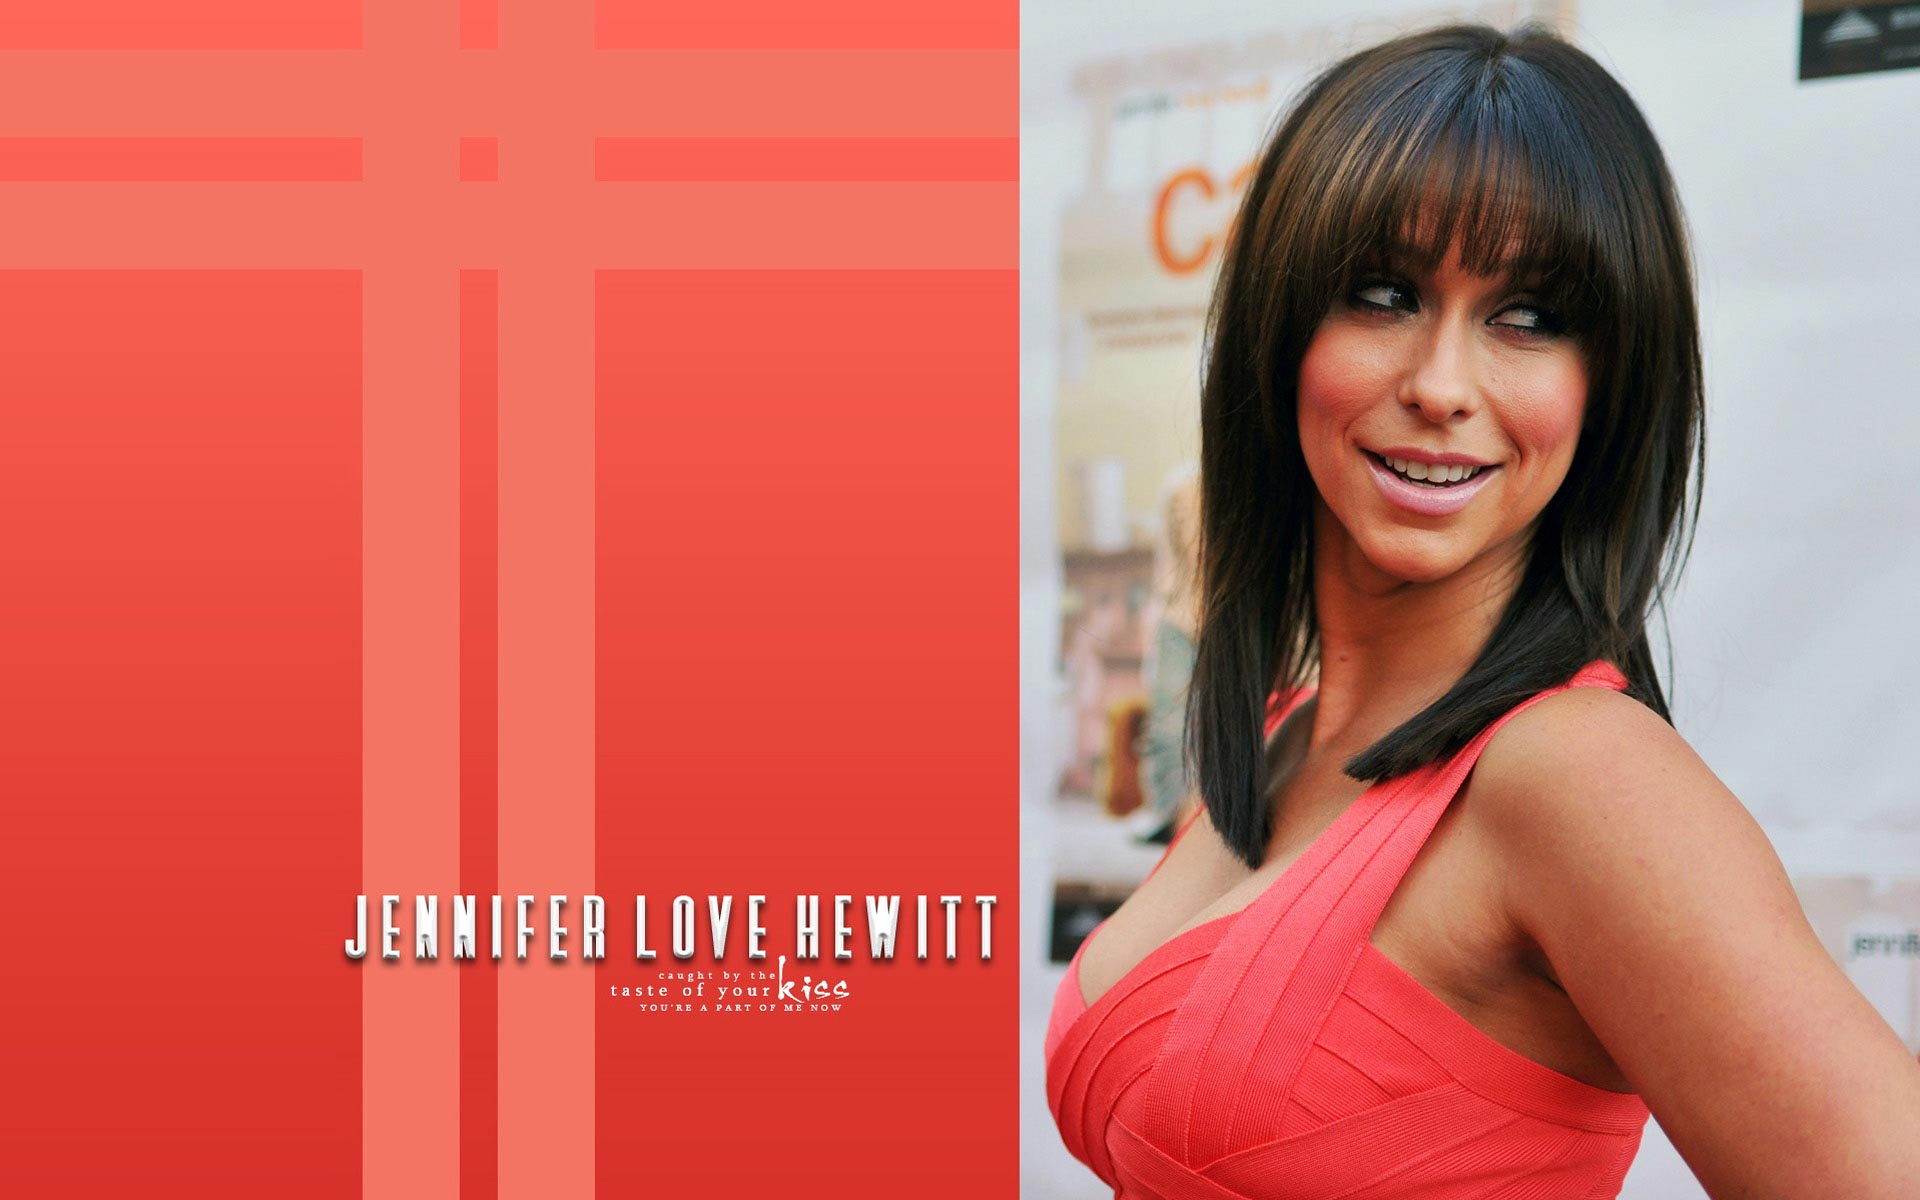 Very Hot Love Wallpaper : Jennifer Love Hewitt - Bing images